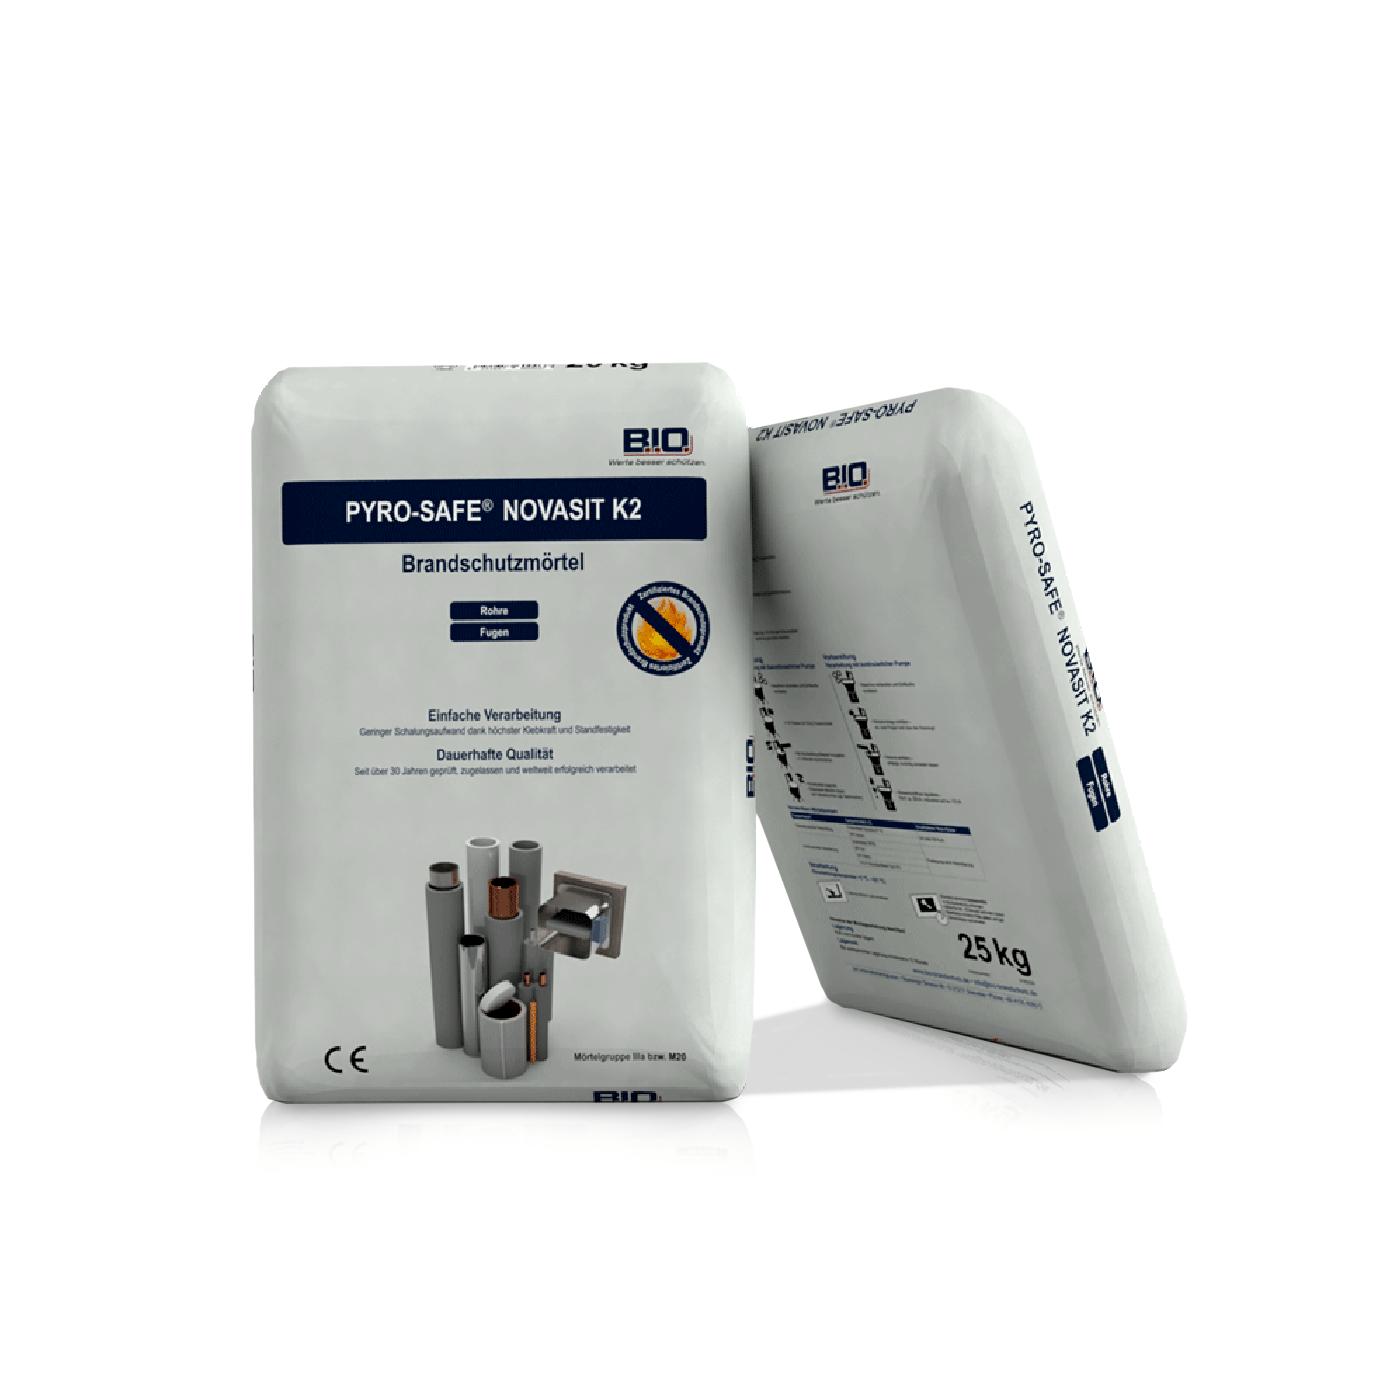 PYRO-SAFE® NOVASIT K2